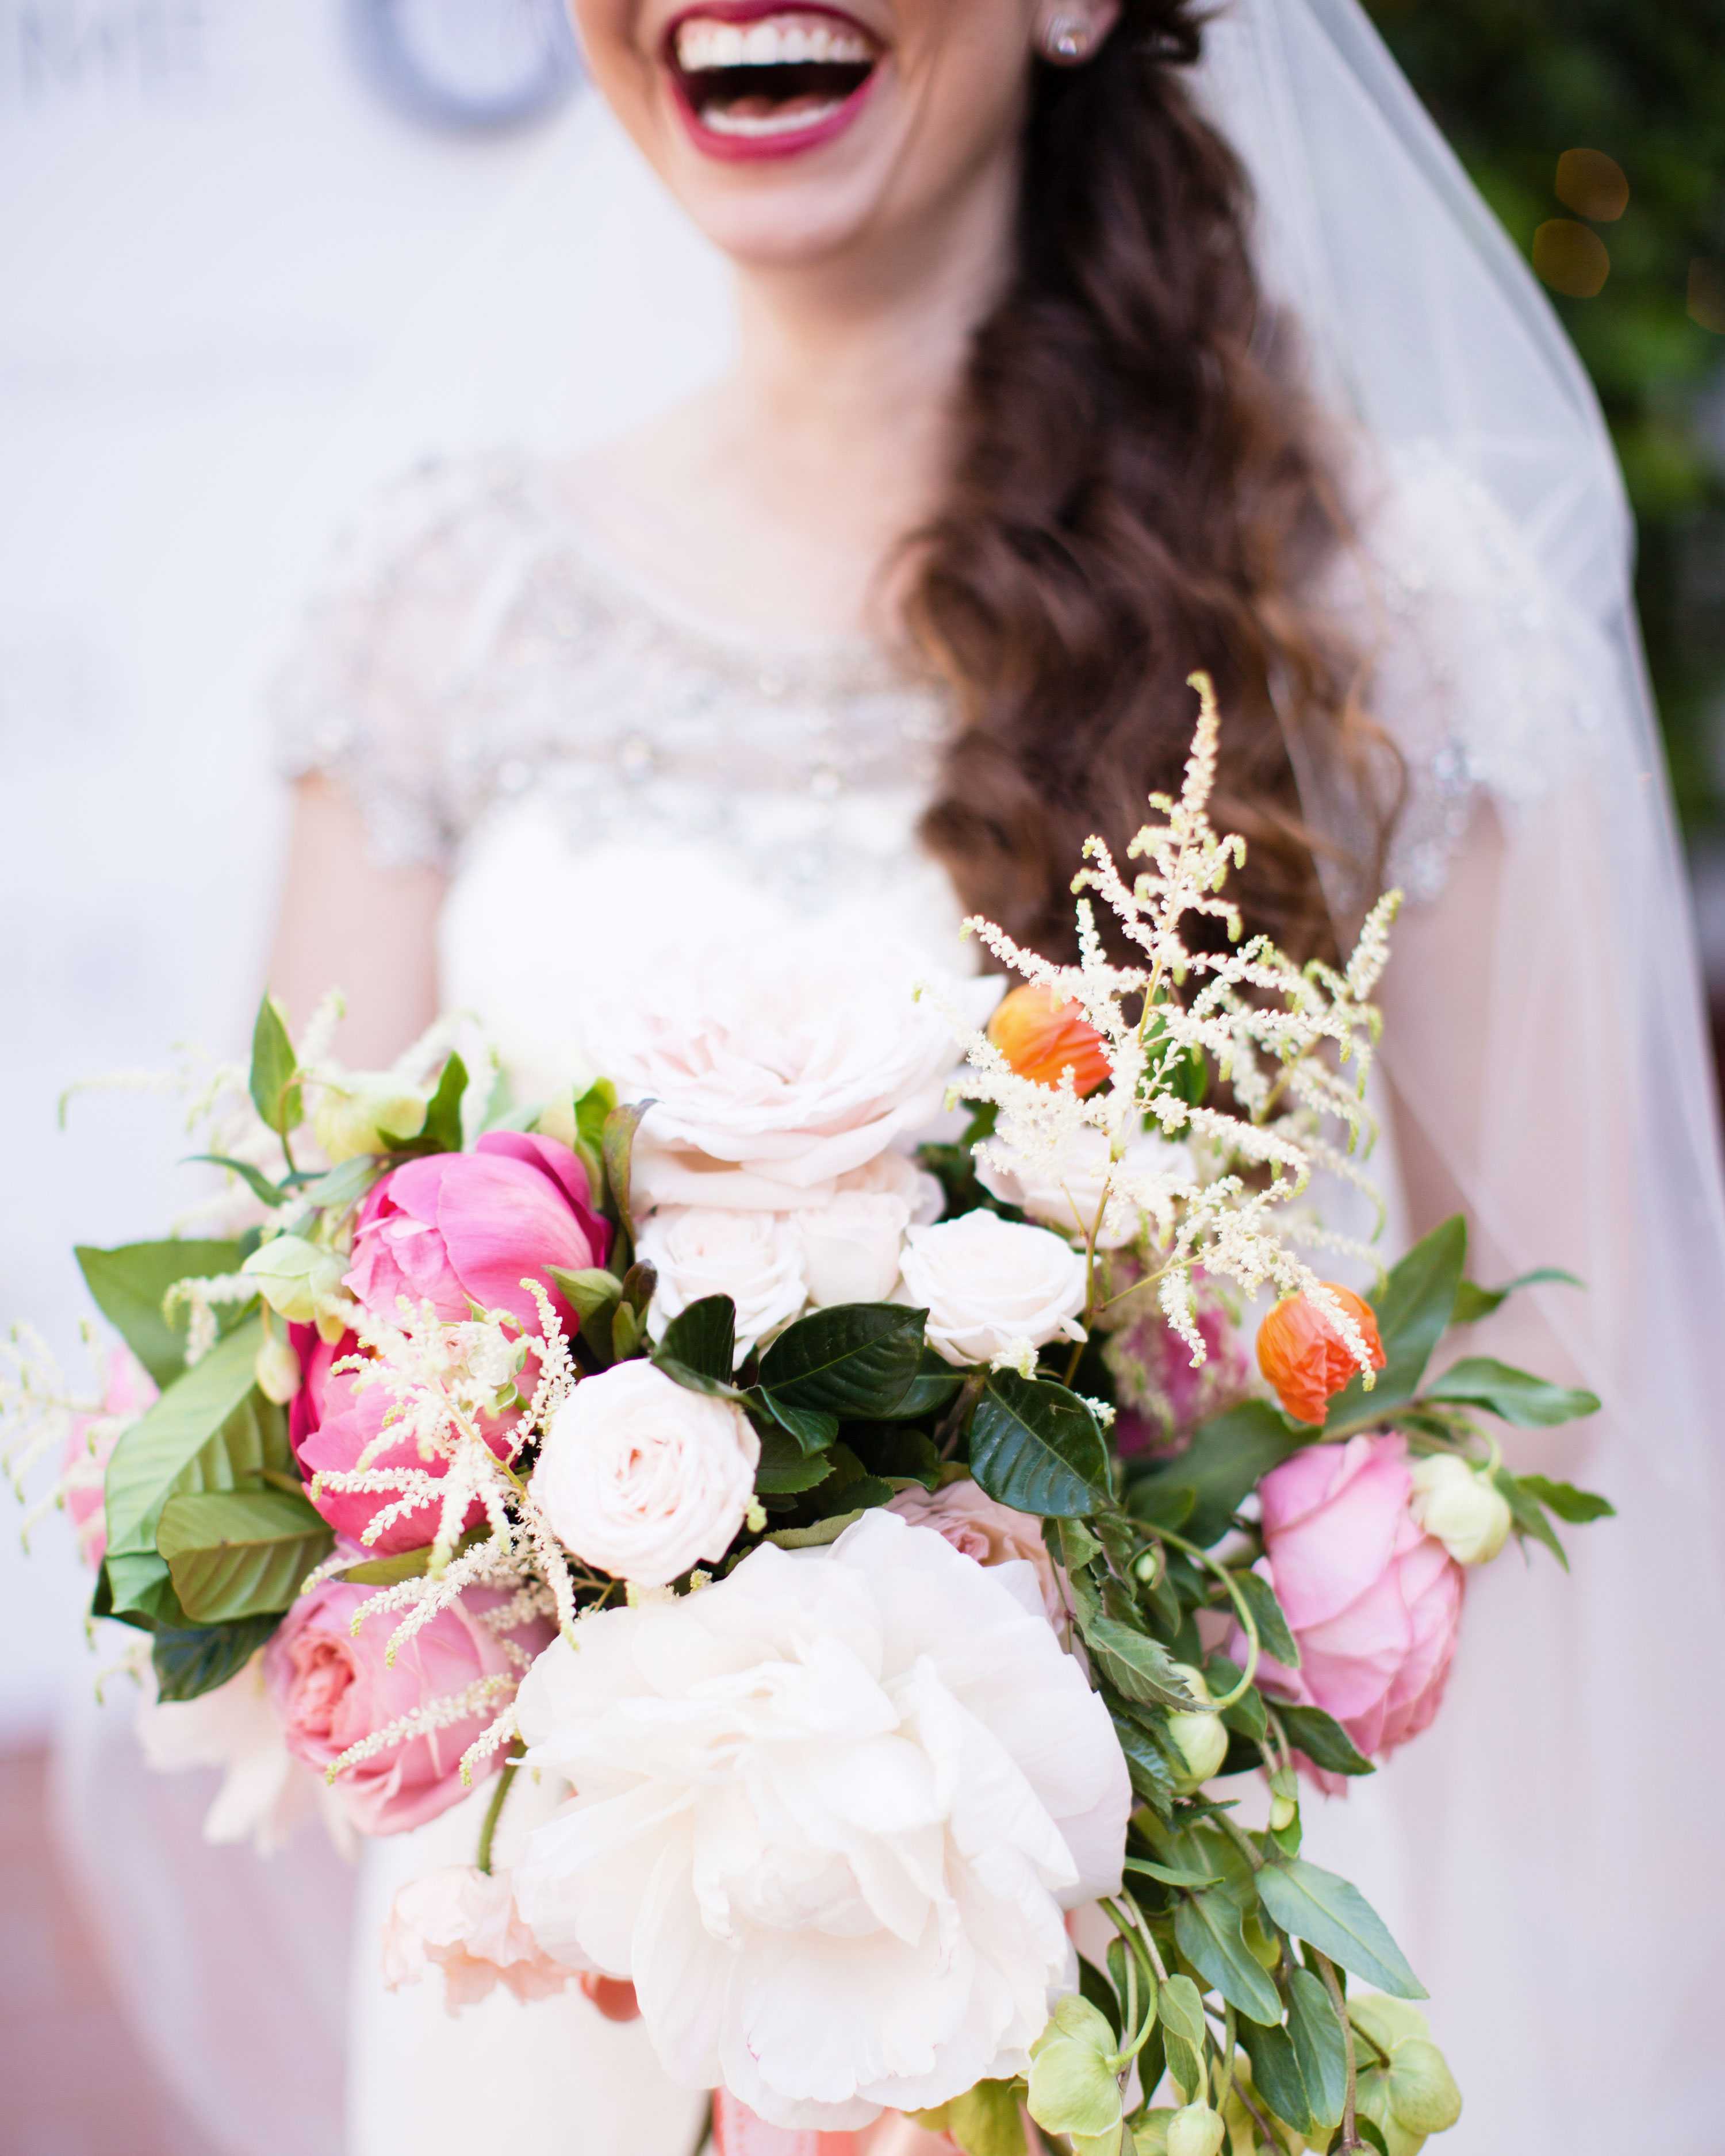 richelle-tom-wedding-bouquet-479-s112855-0416.jpg